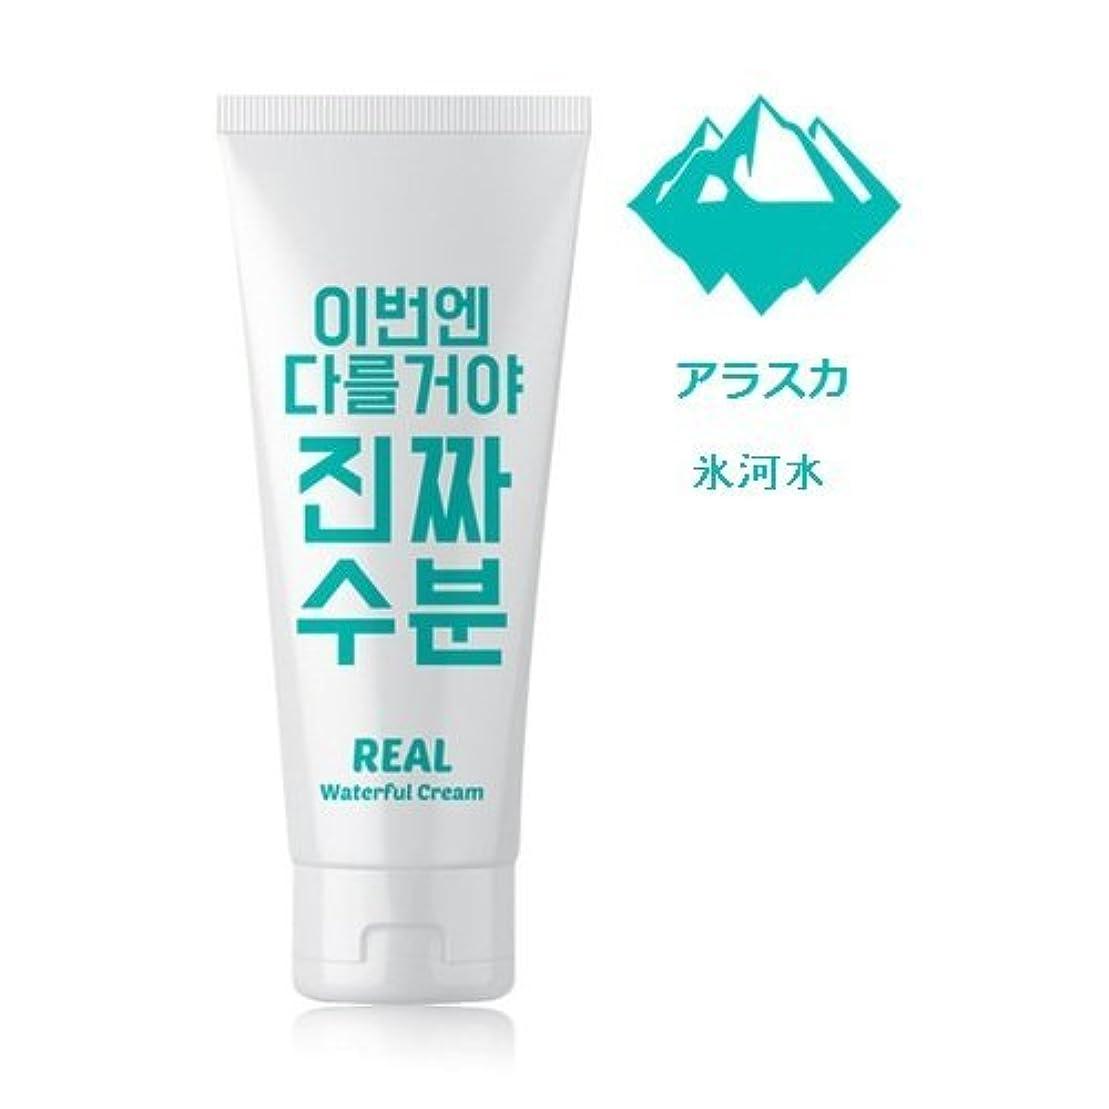 しなければならない砂のクリップ[1+1]Jaminkyung [FREE MARK] Real Waterful Cream 200g*2EA ジャミンギョン[フリーマーク]今度は違うぞ!! 本当の水分クリーム [並行輸入品]